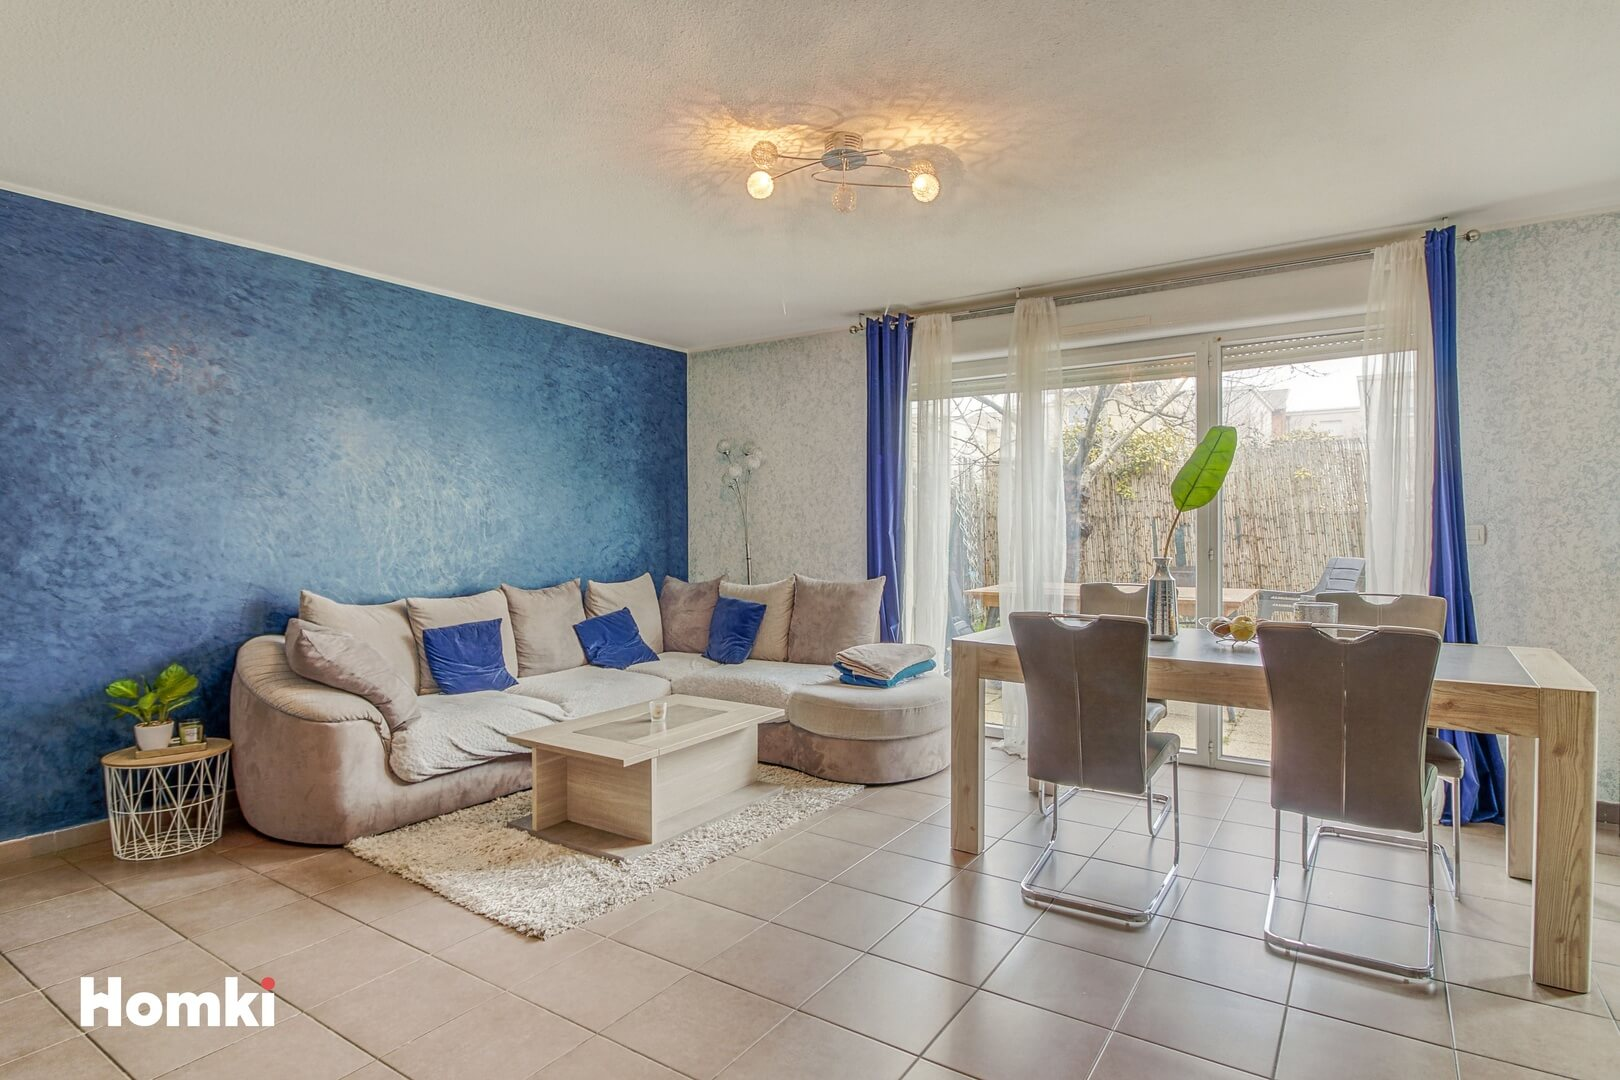 Homki - Vente Maison/villa  de 82.0 m² à Tournefeuille 31170